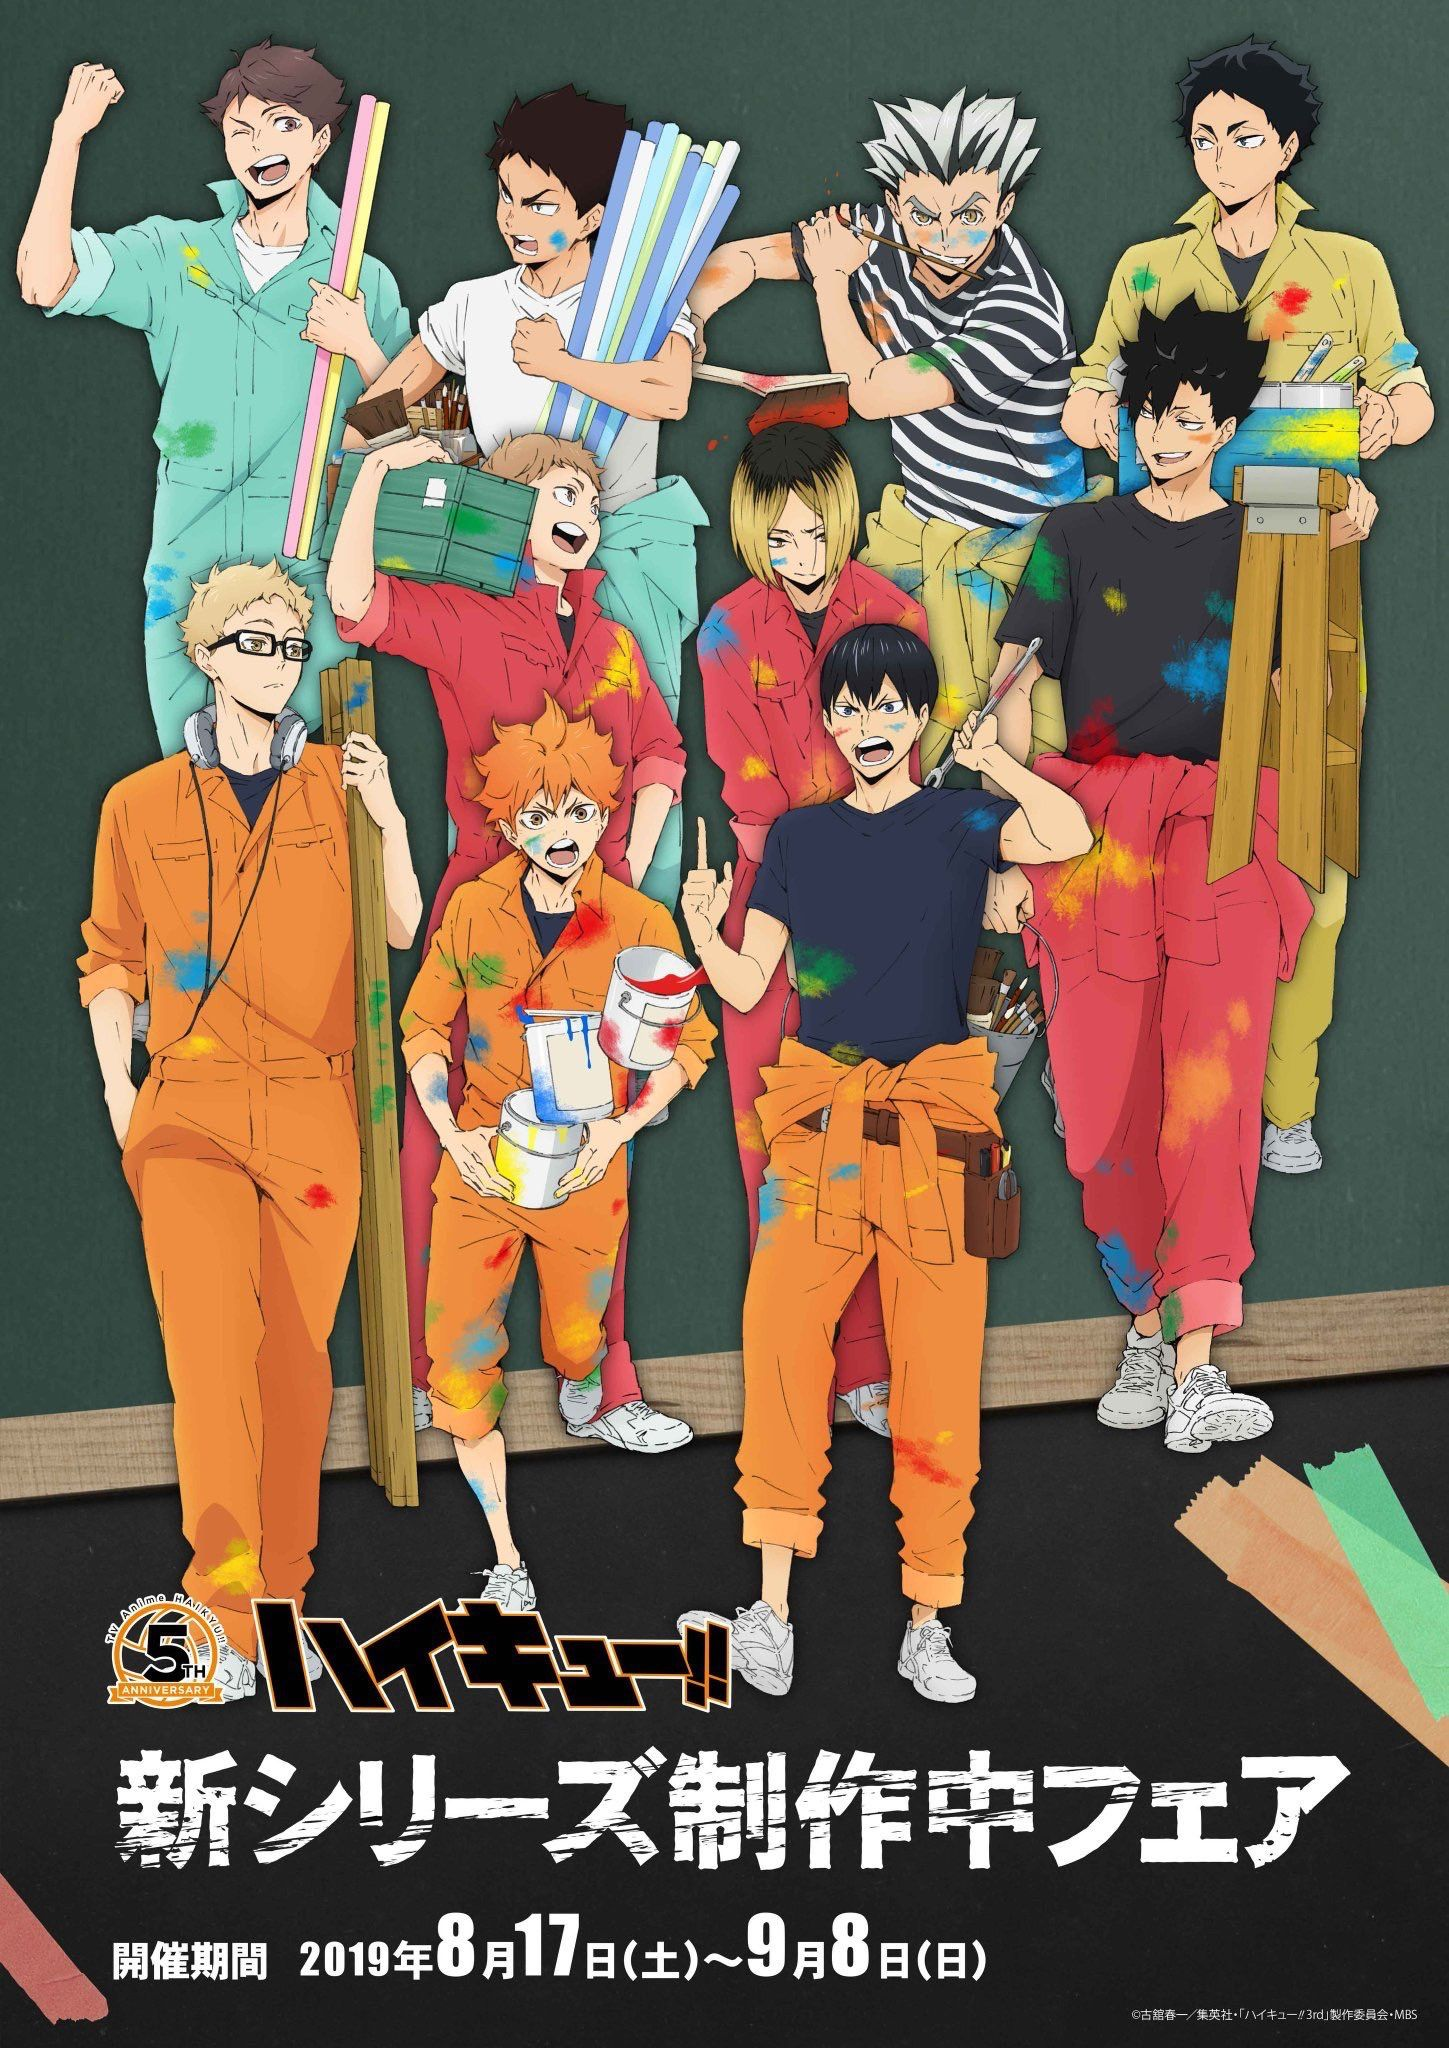 haikyuu season 4 visuals Haikyuu characters, Haikyuu